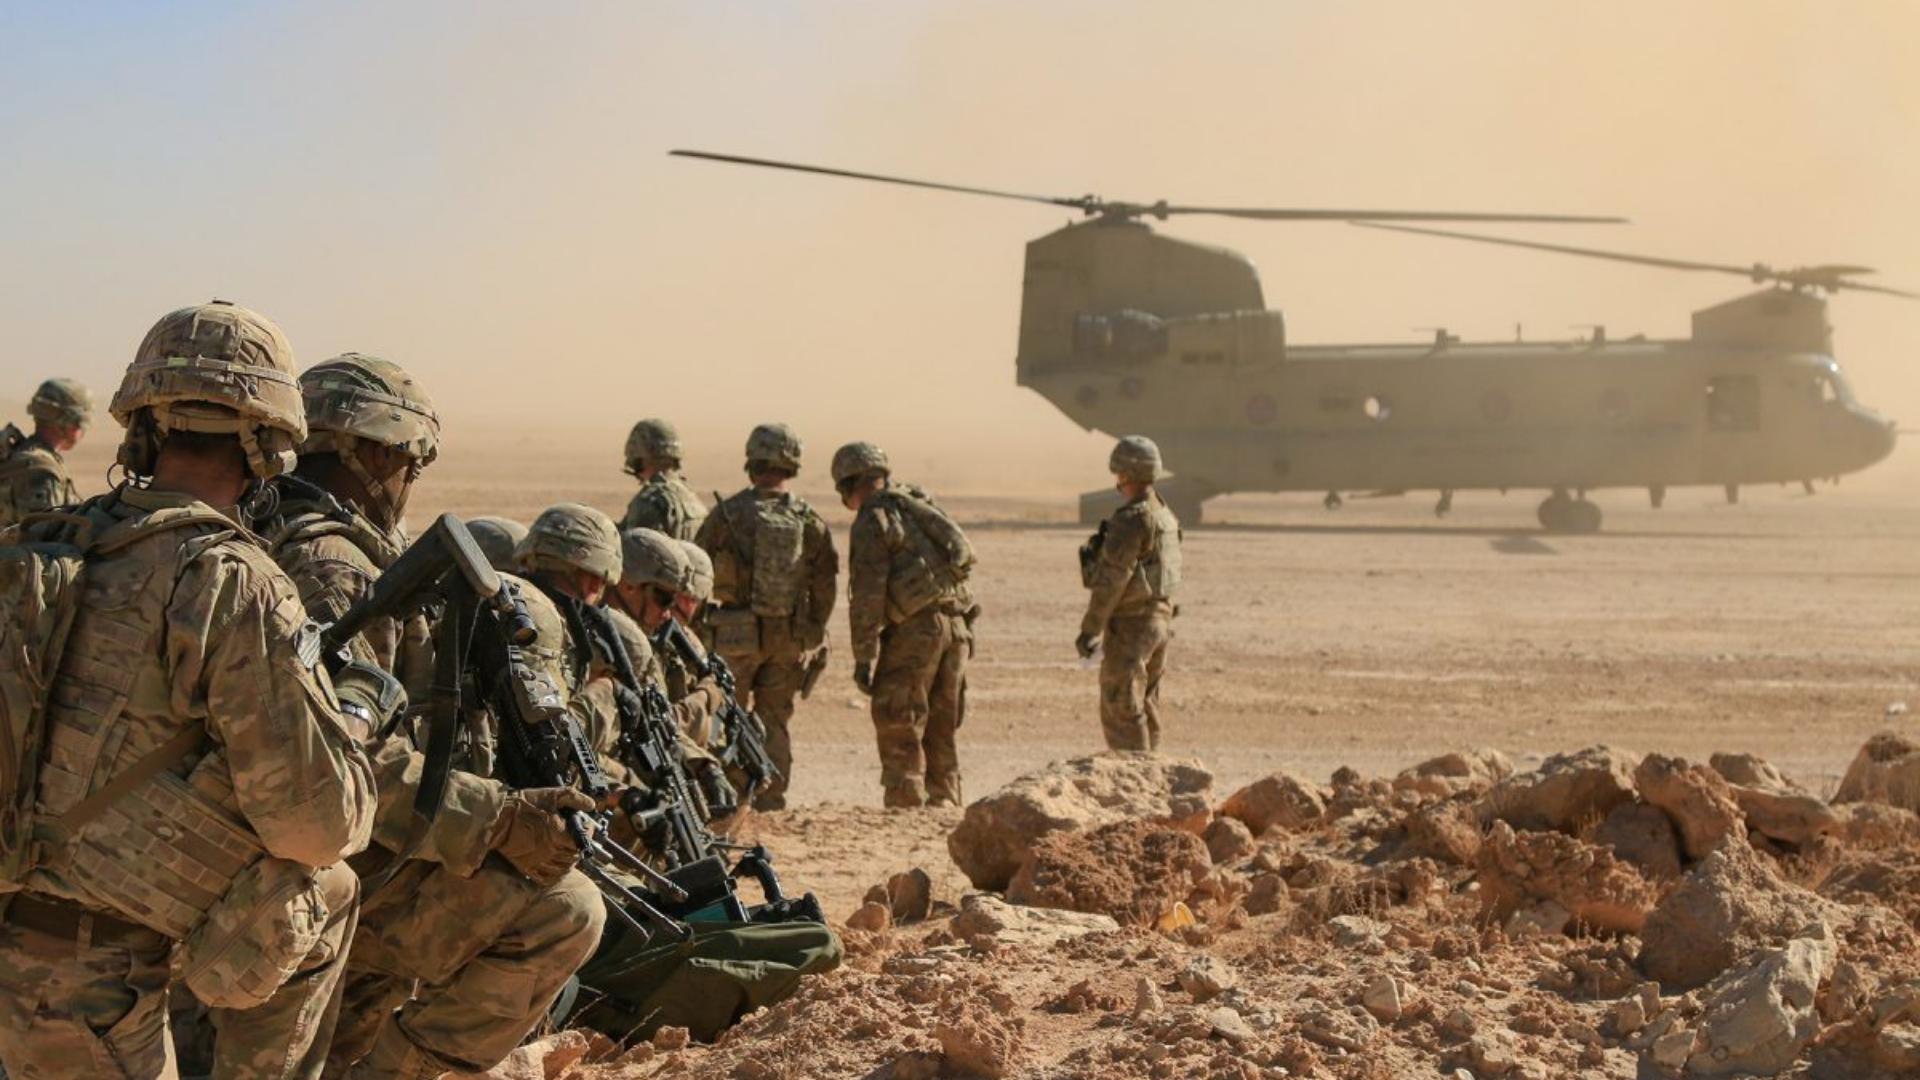 Global War on Terror Medal of Honor